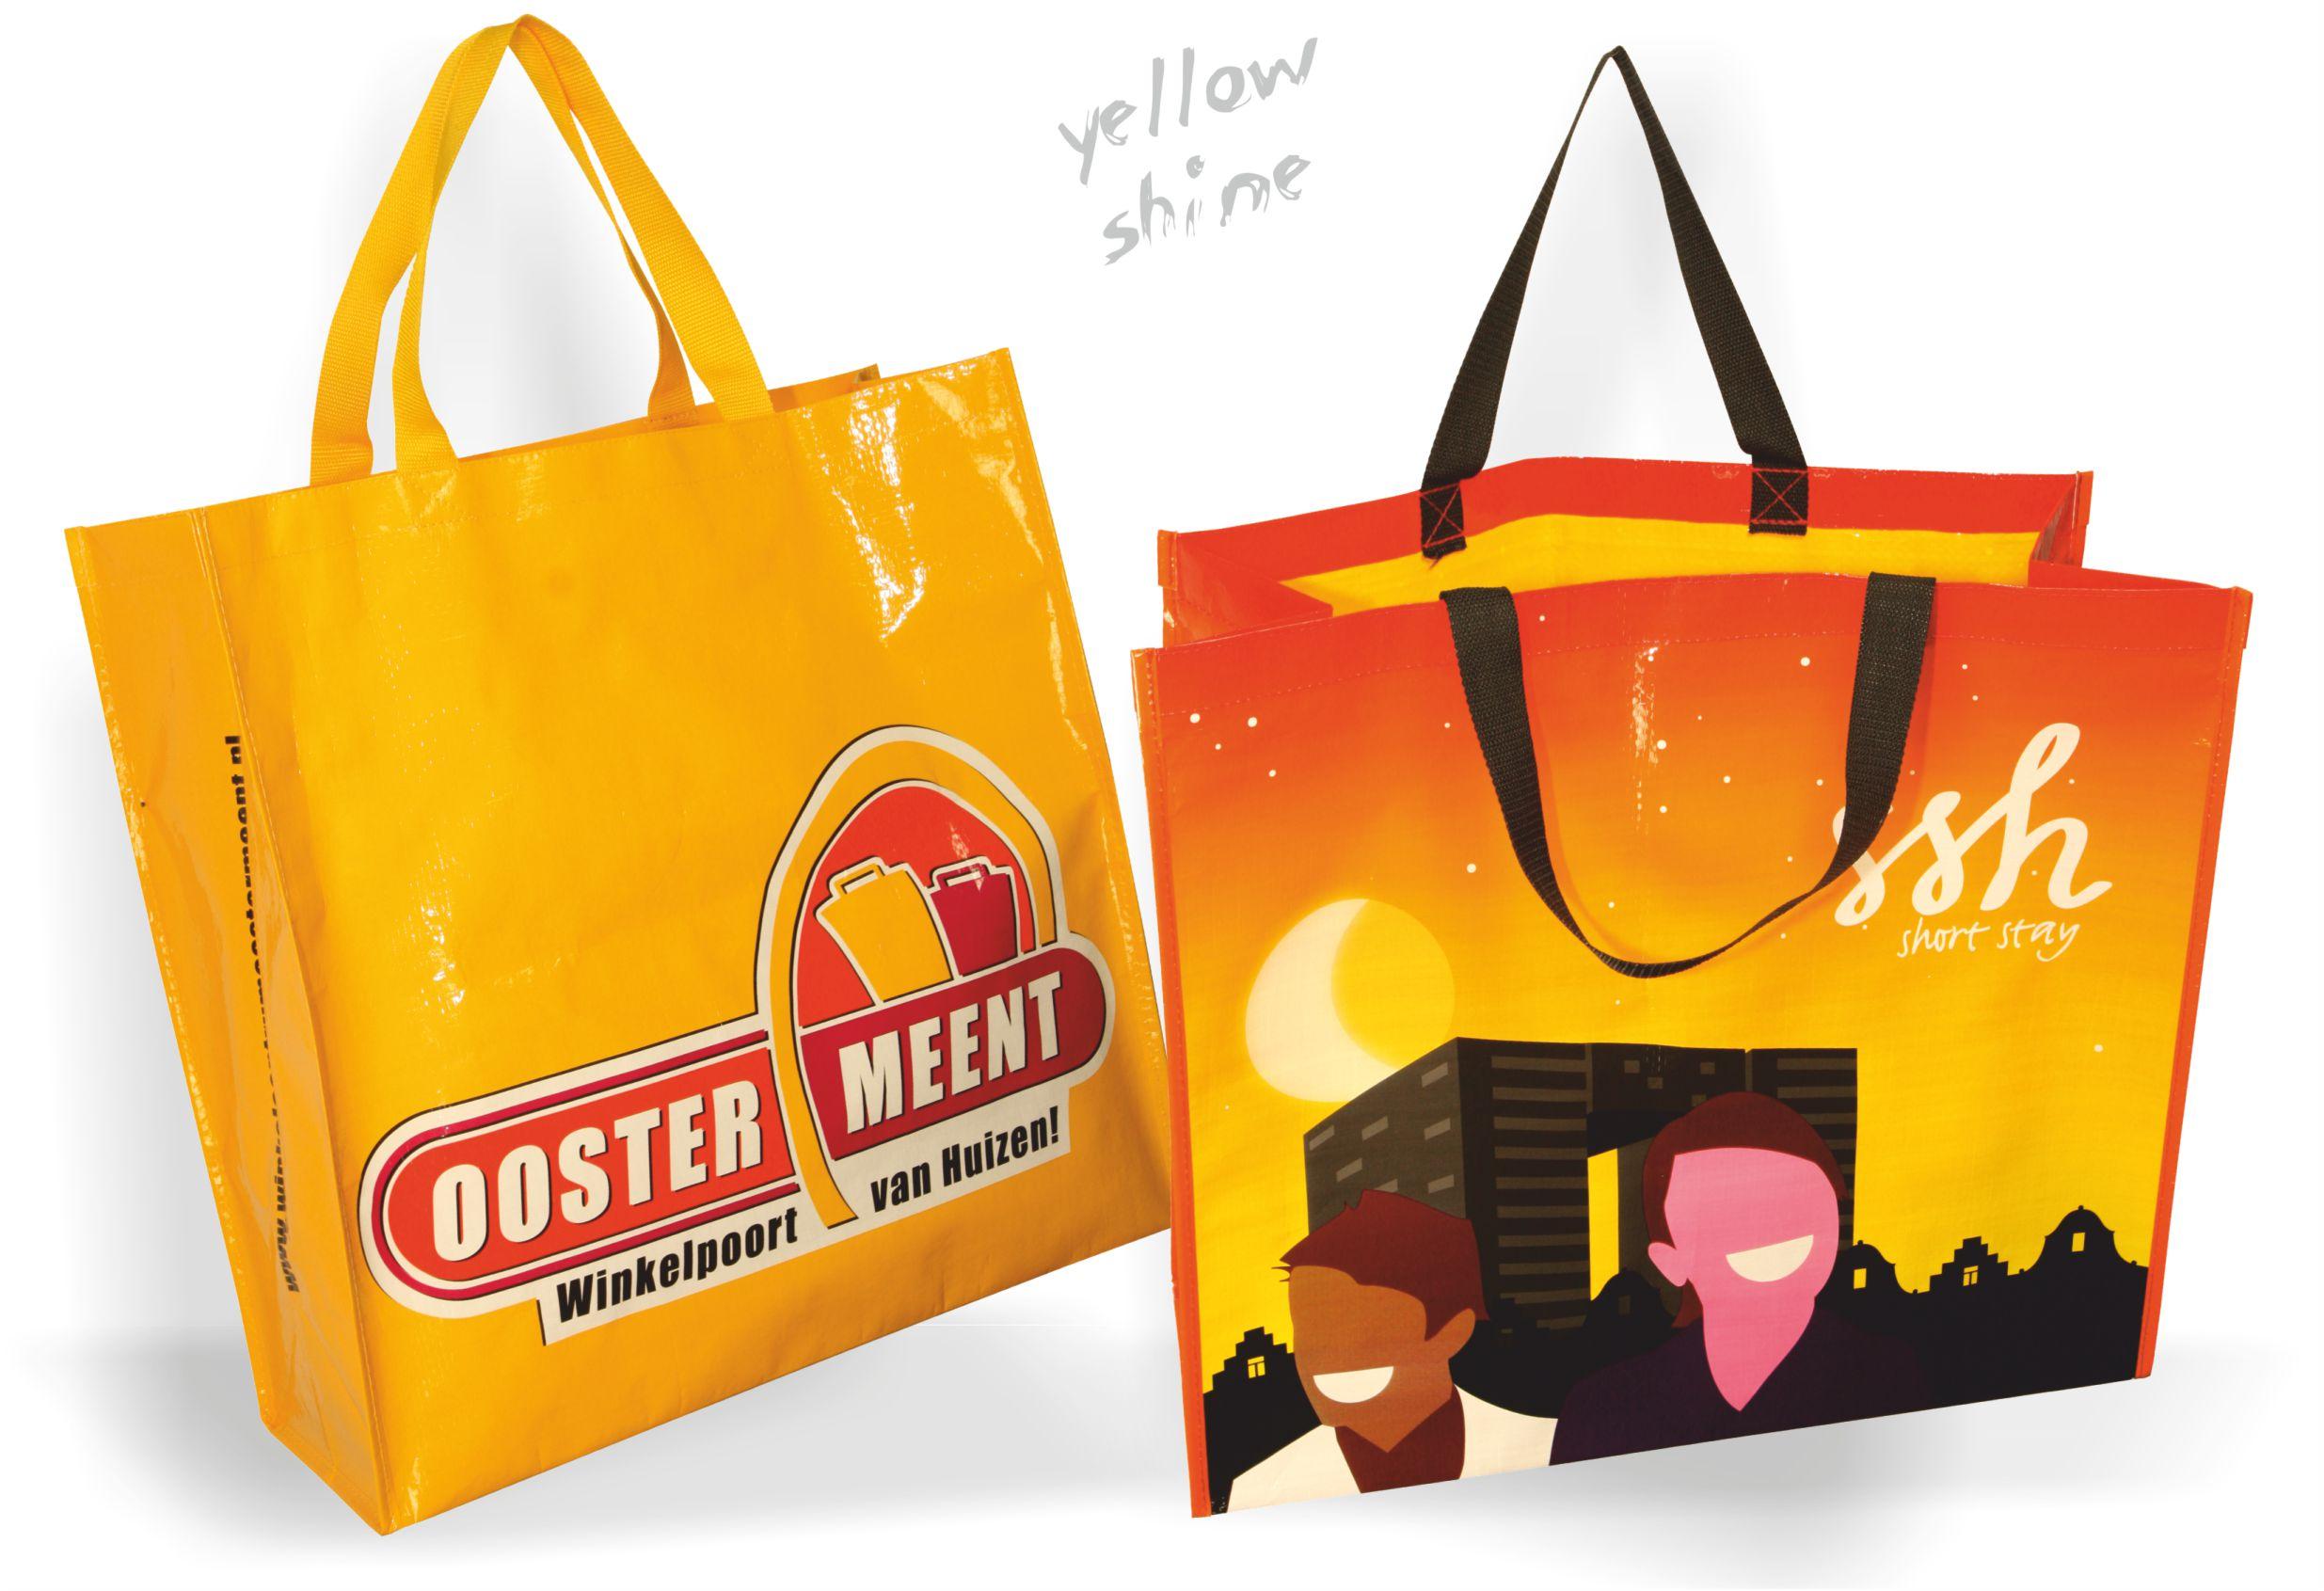 94f2011a52f SSH SHOPPER - tassen bedrukken goedkoop - Tassen Bedrukken ...